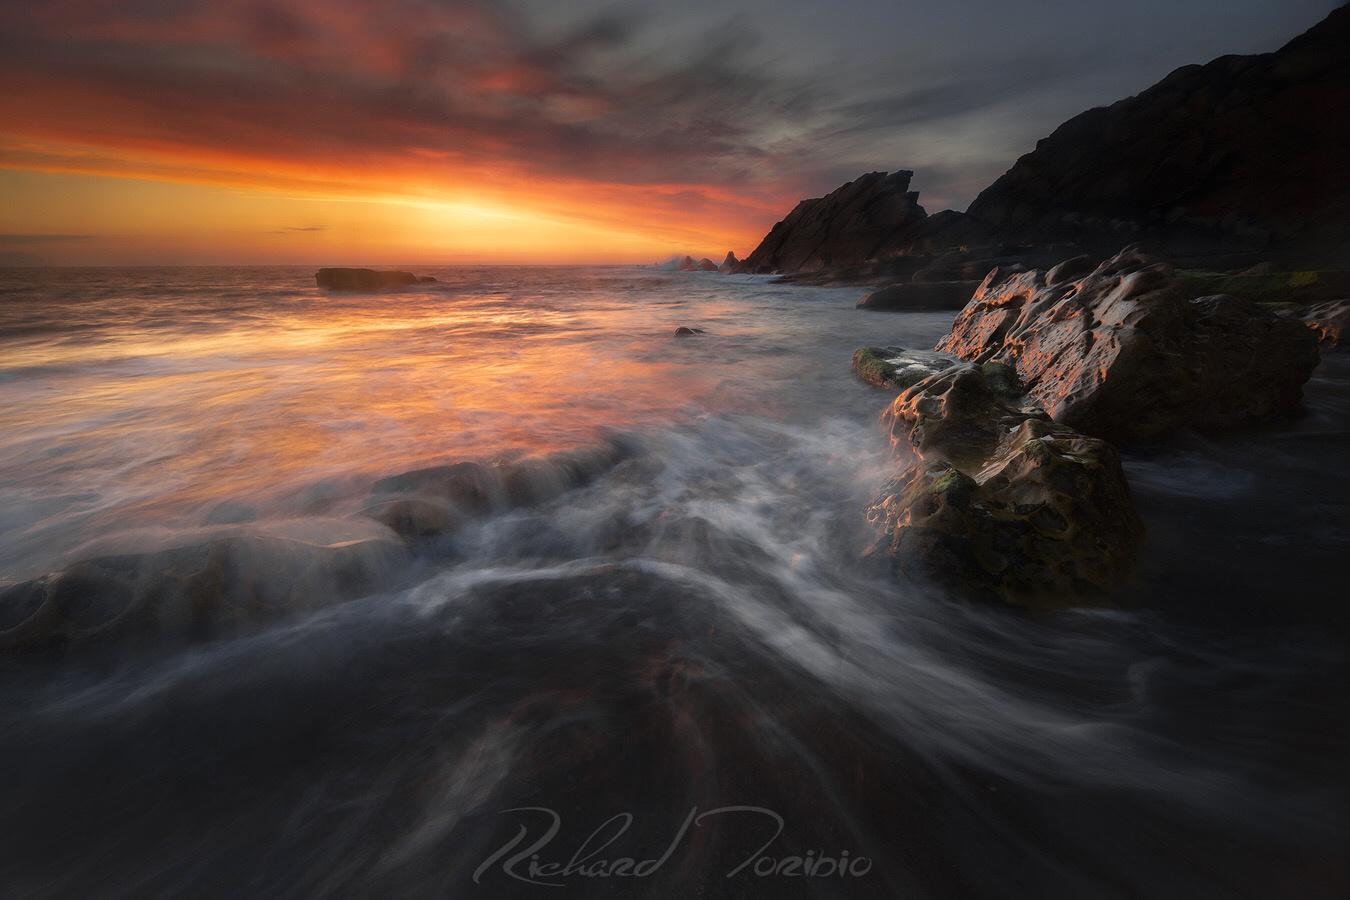 Epic sunset by richard toribio casares